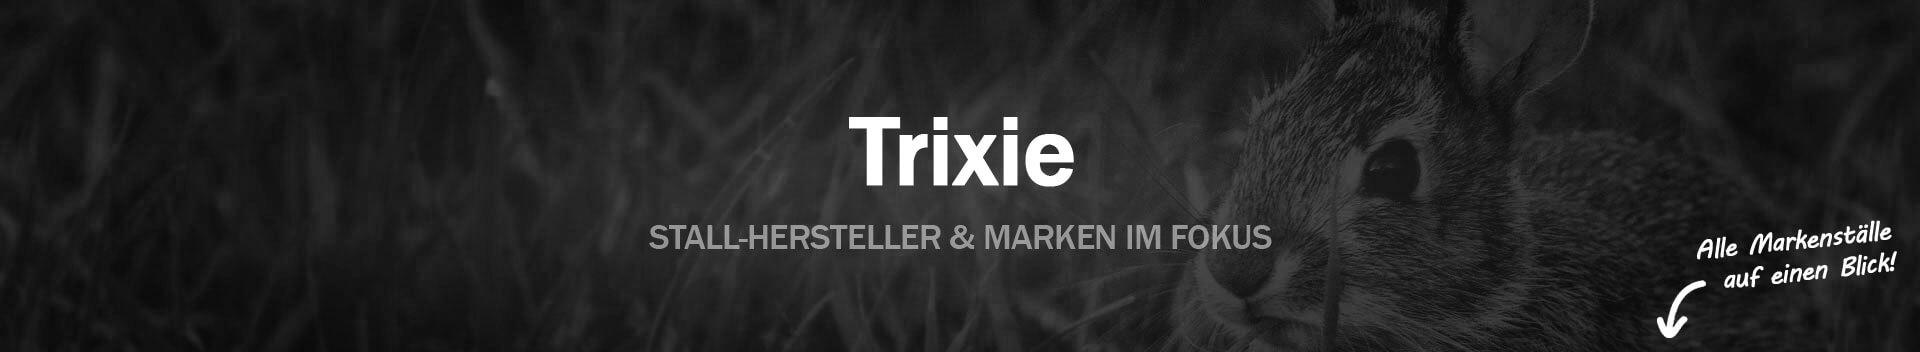 trixie-kaninchenstall-hersteller